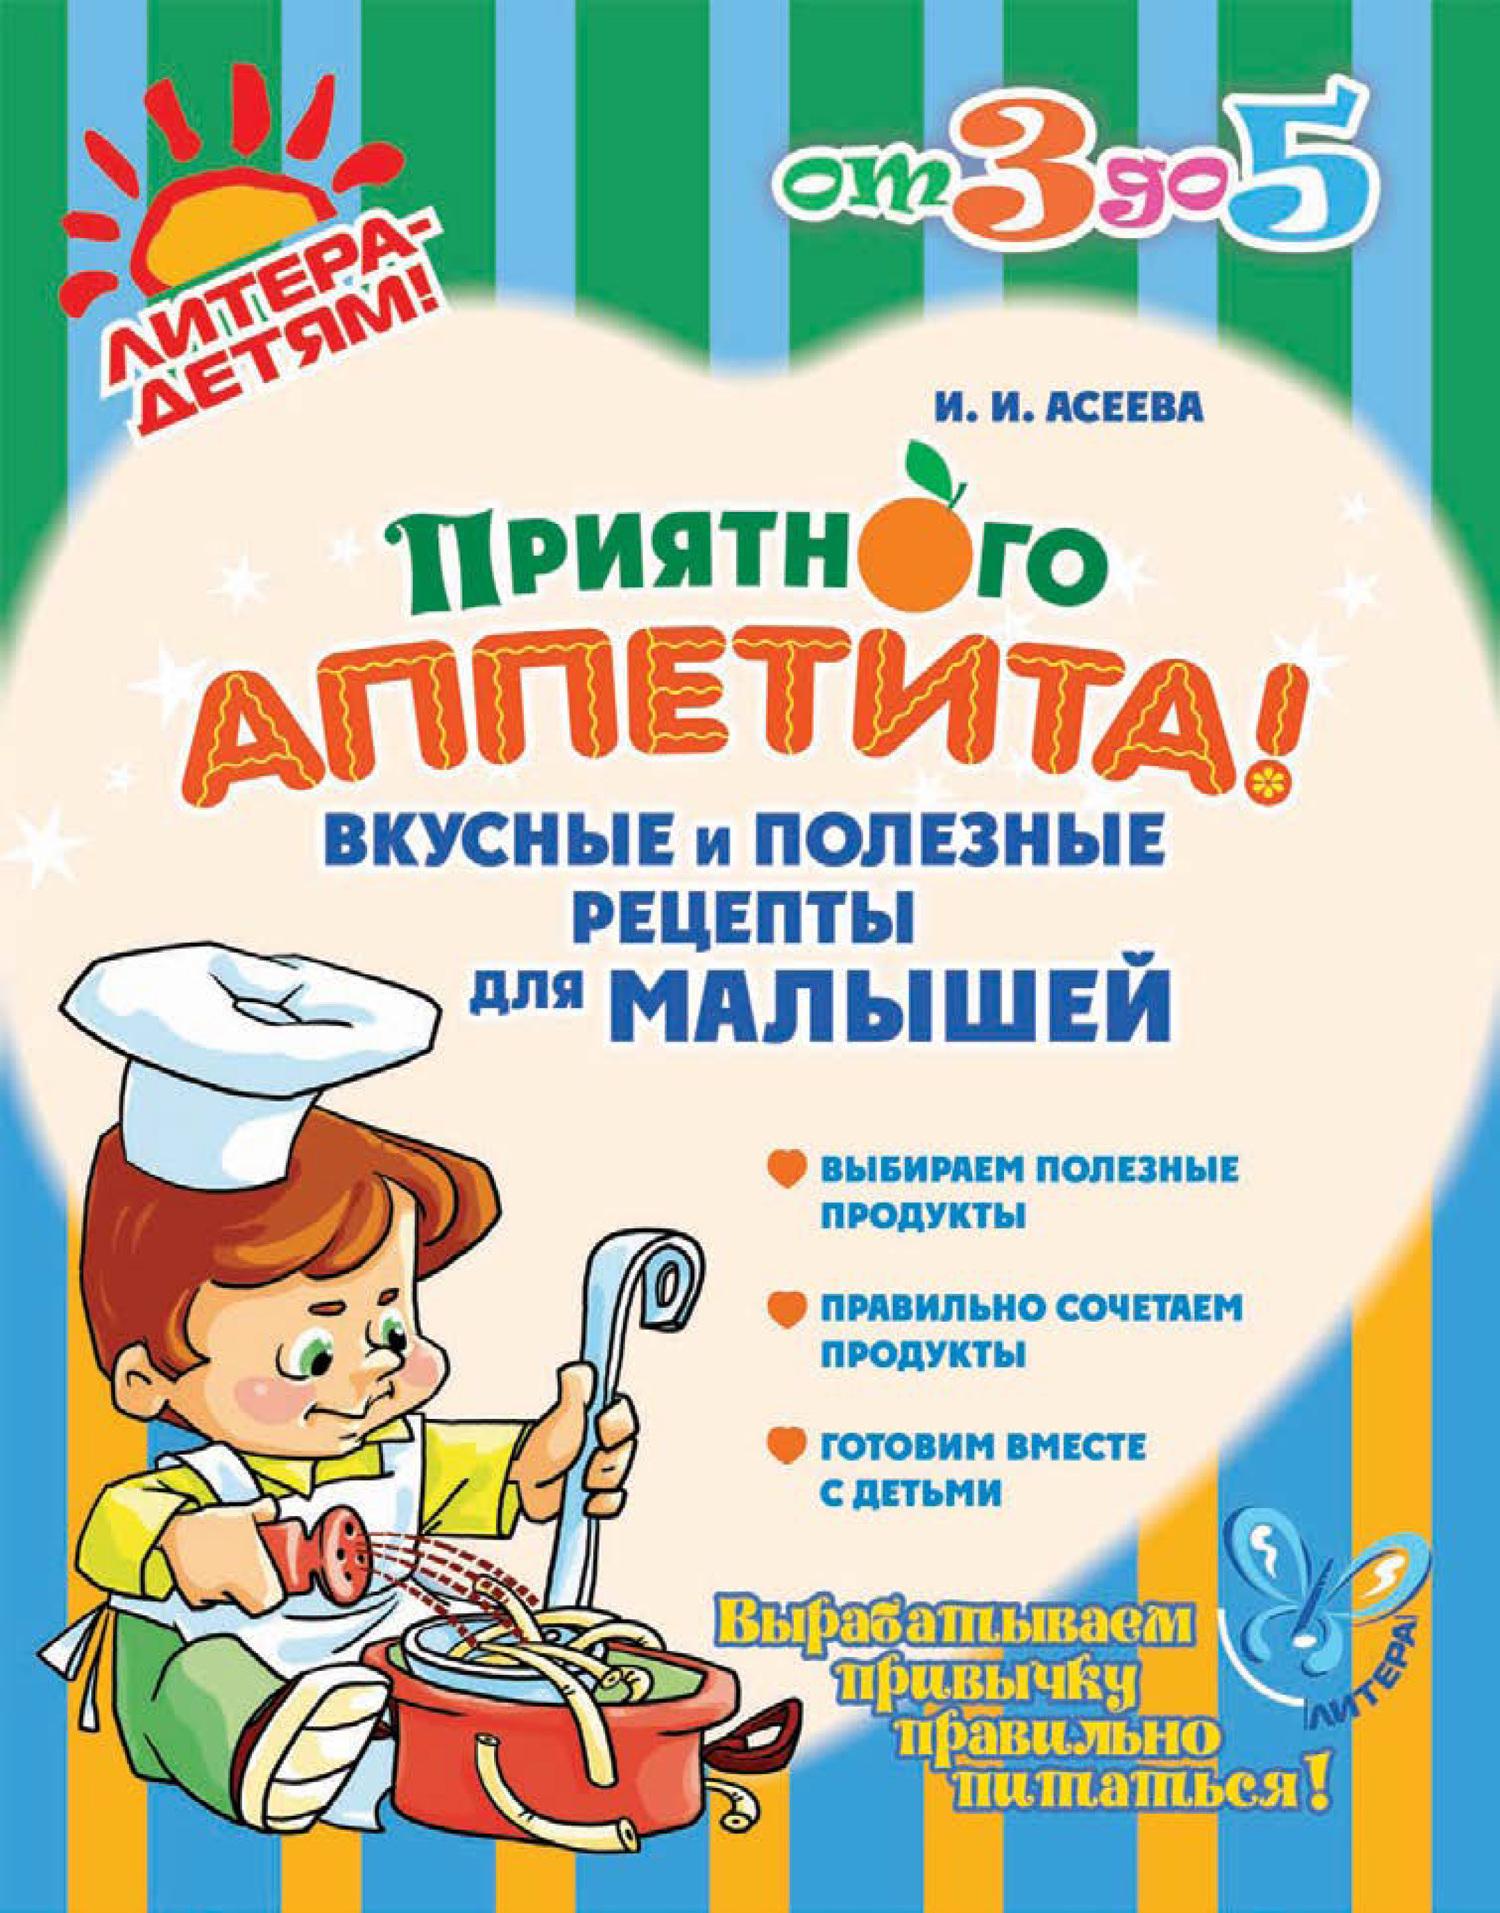 Ирина Асеева - Приятного аппетита! Вкусные и полезные рецепты для малышей